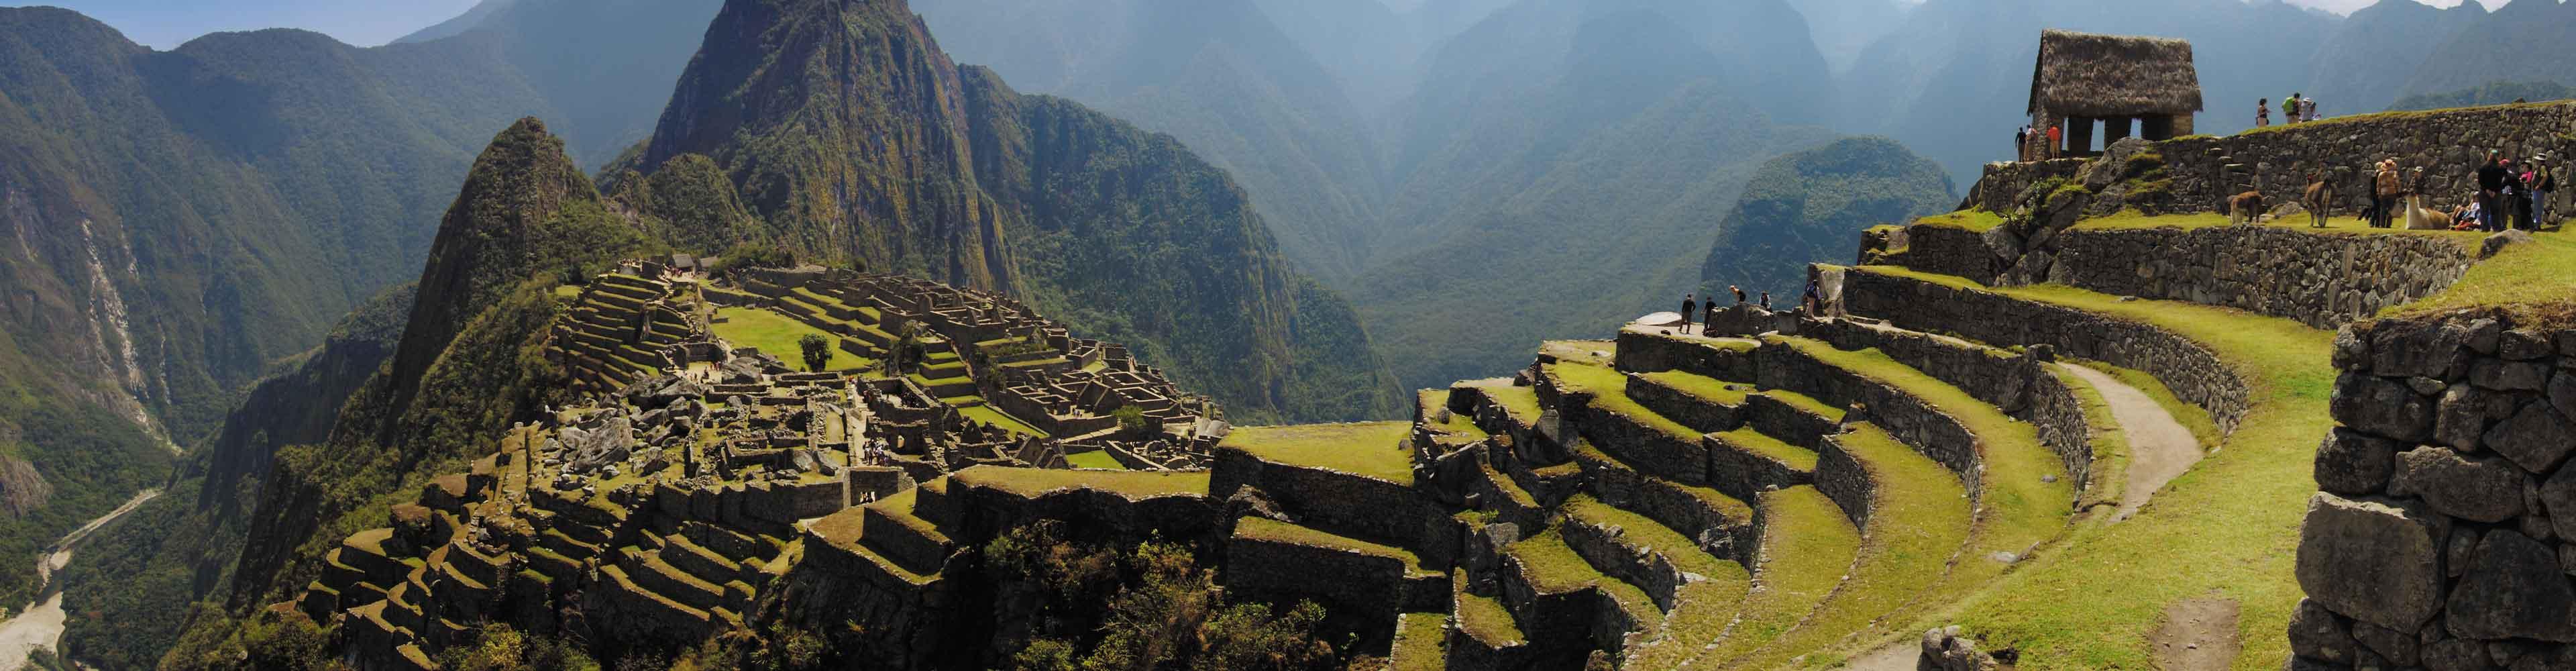 Machu Picchu Inca Trail Tour Cost